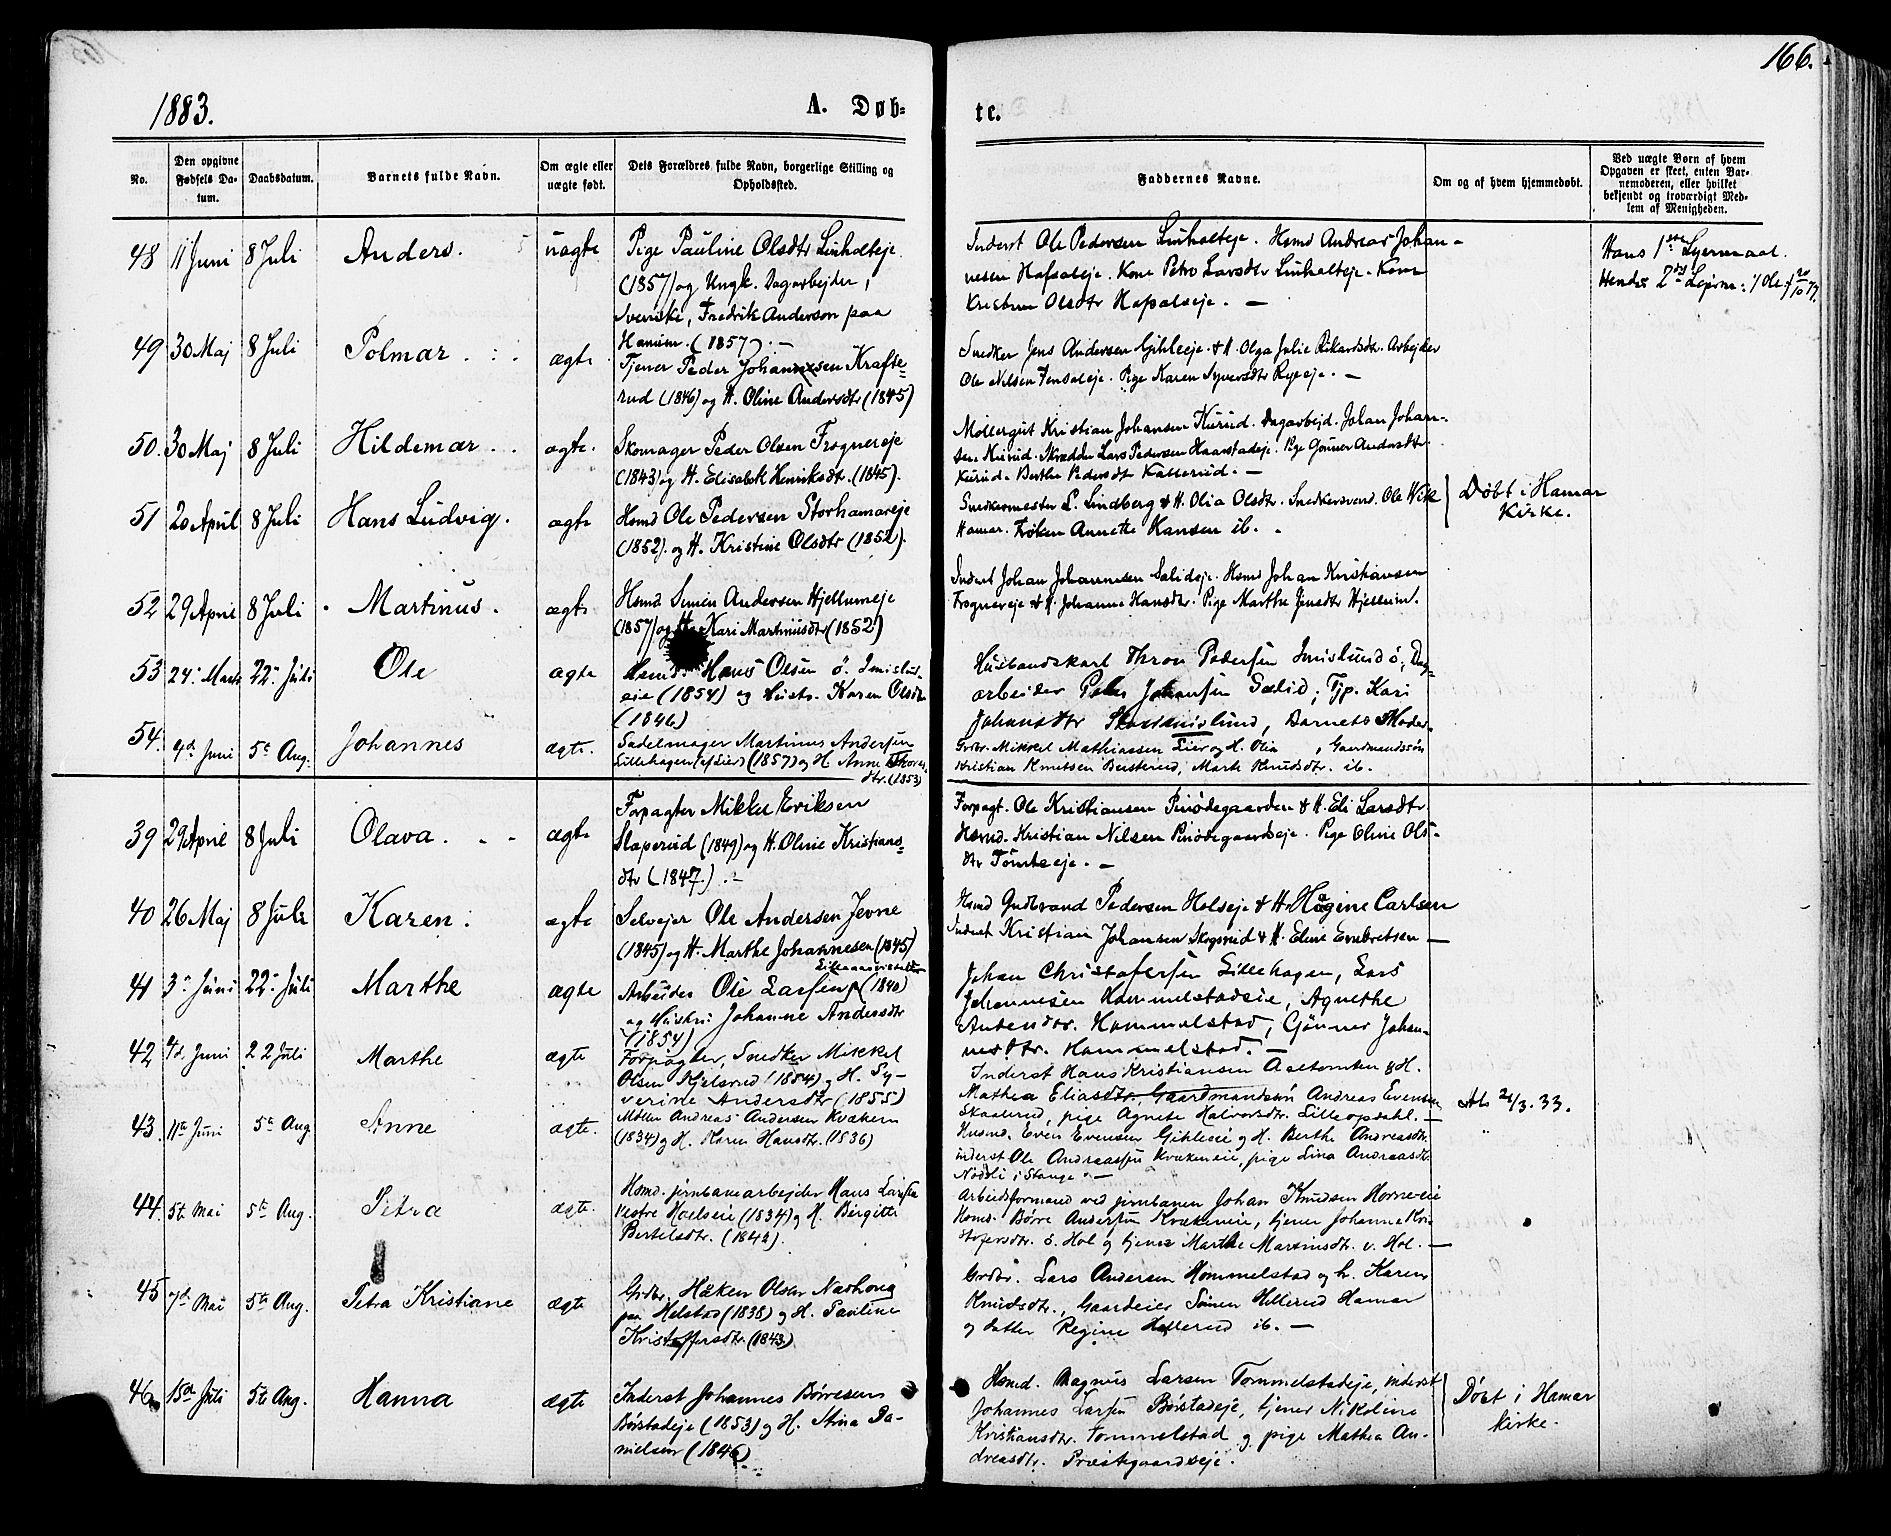 SAH, Vang prestekontor, Hedmark, H/Ha/Haa/L0015: Ministerialbok nr. 15, 1871-1885, s. 166